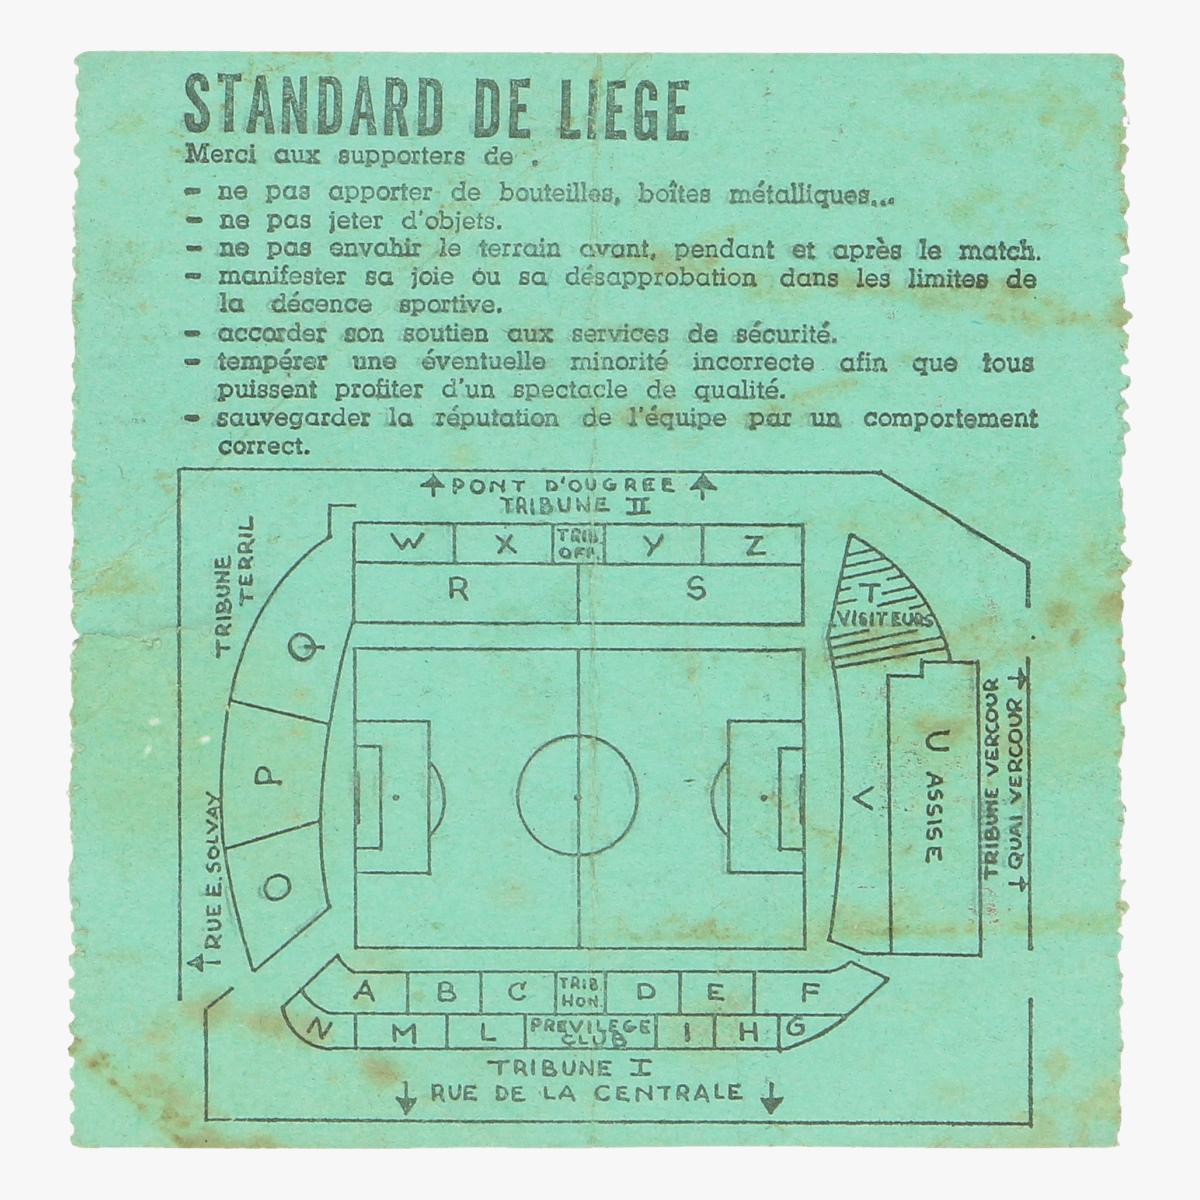 Afbeeldingen van voetbalticket standard de liege